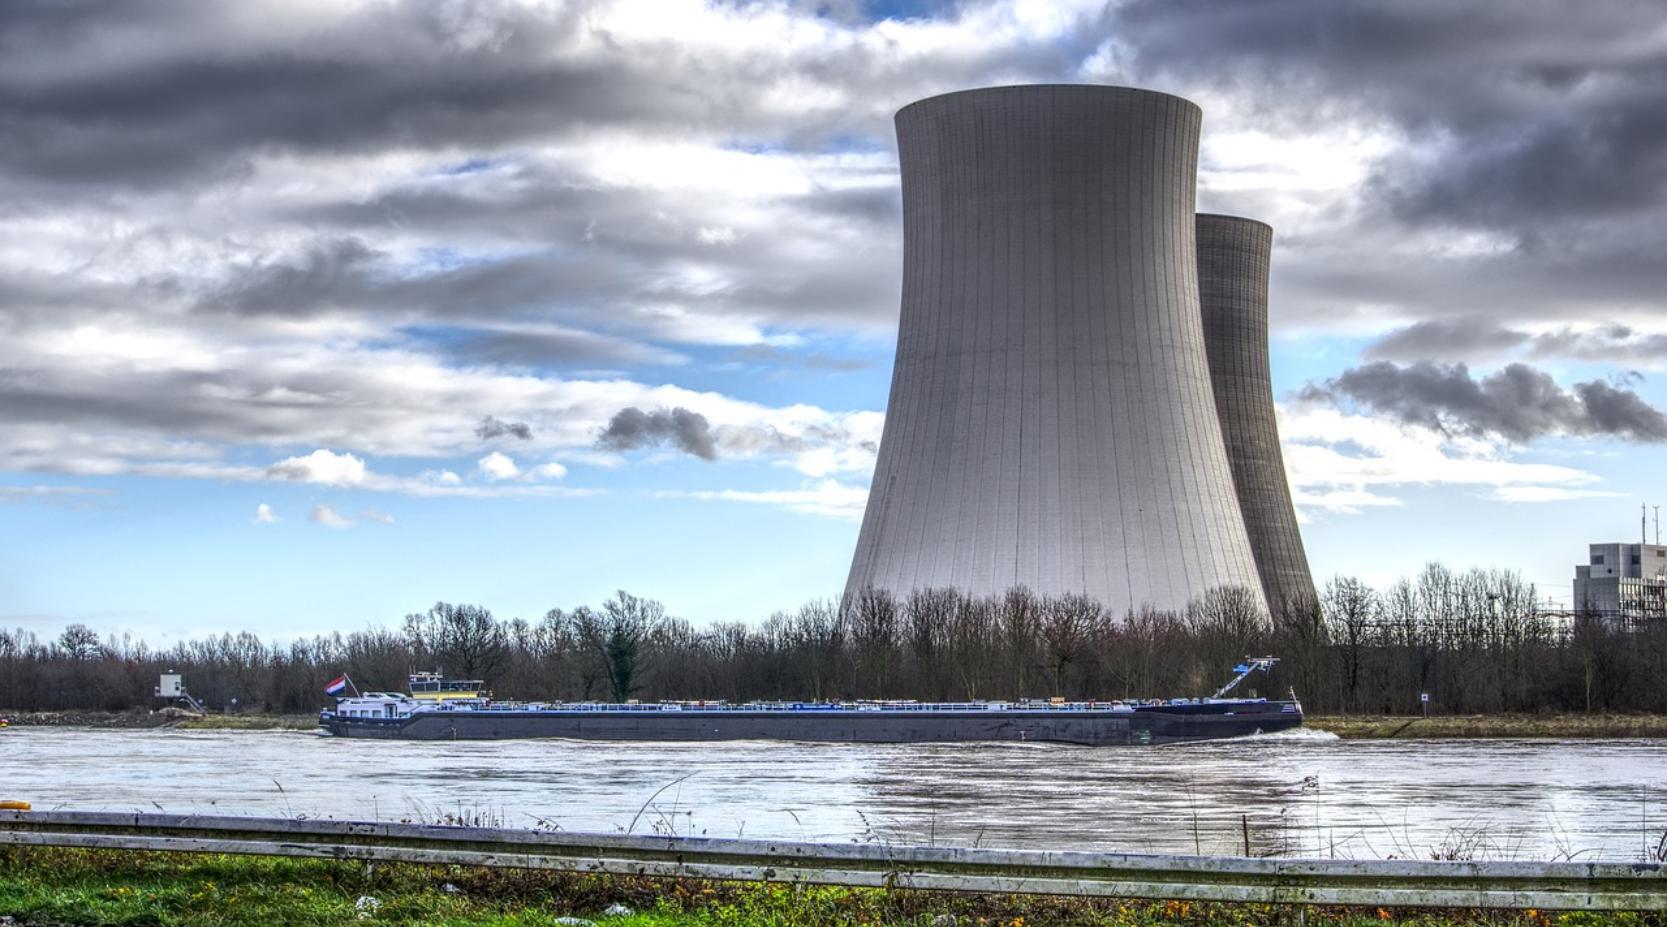 Nucléaire, radioactivité et santé publique